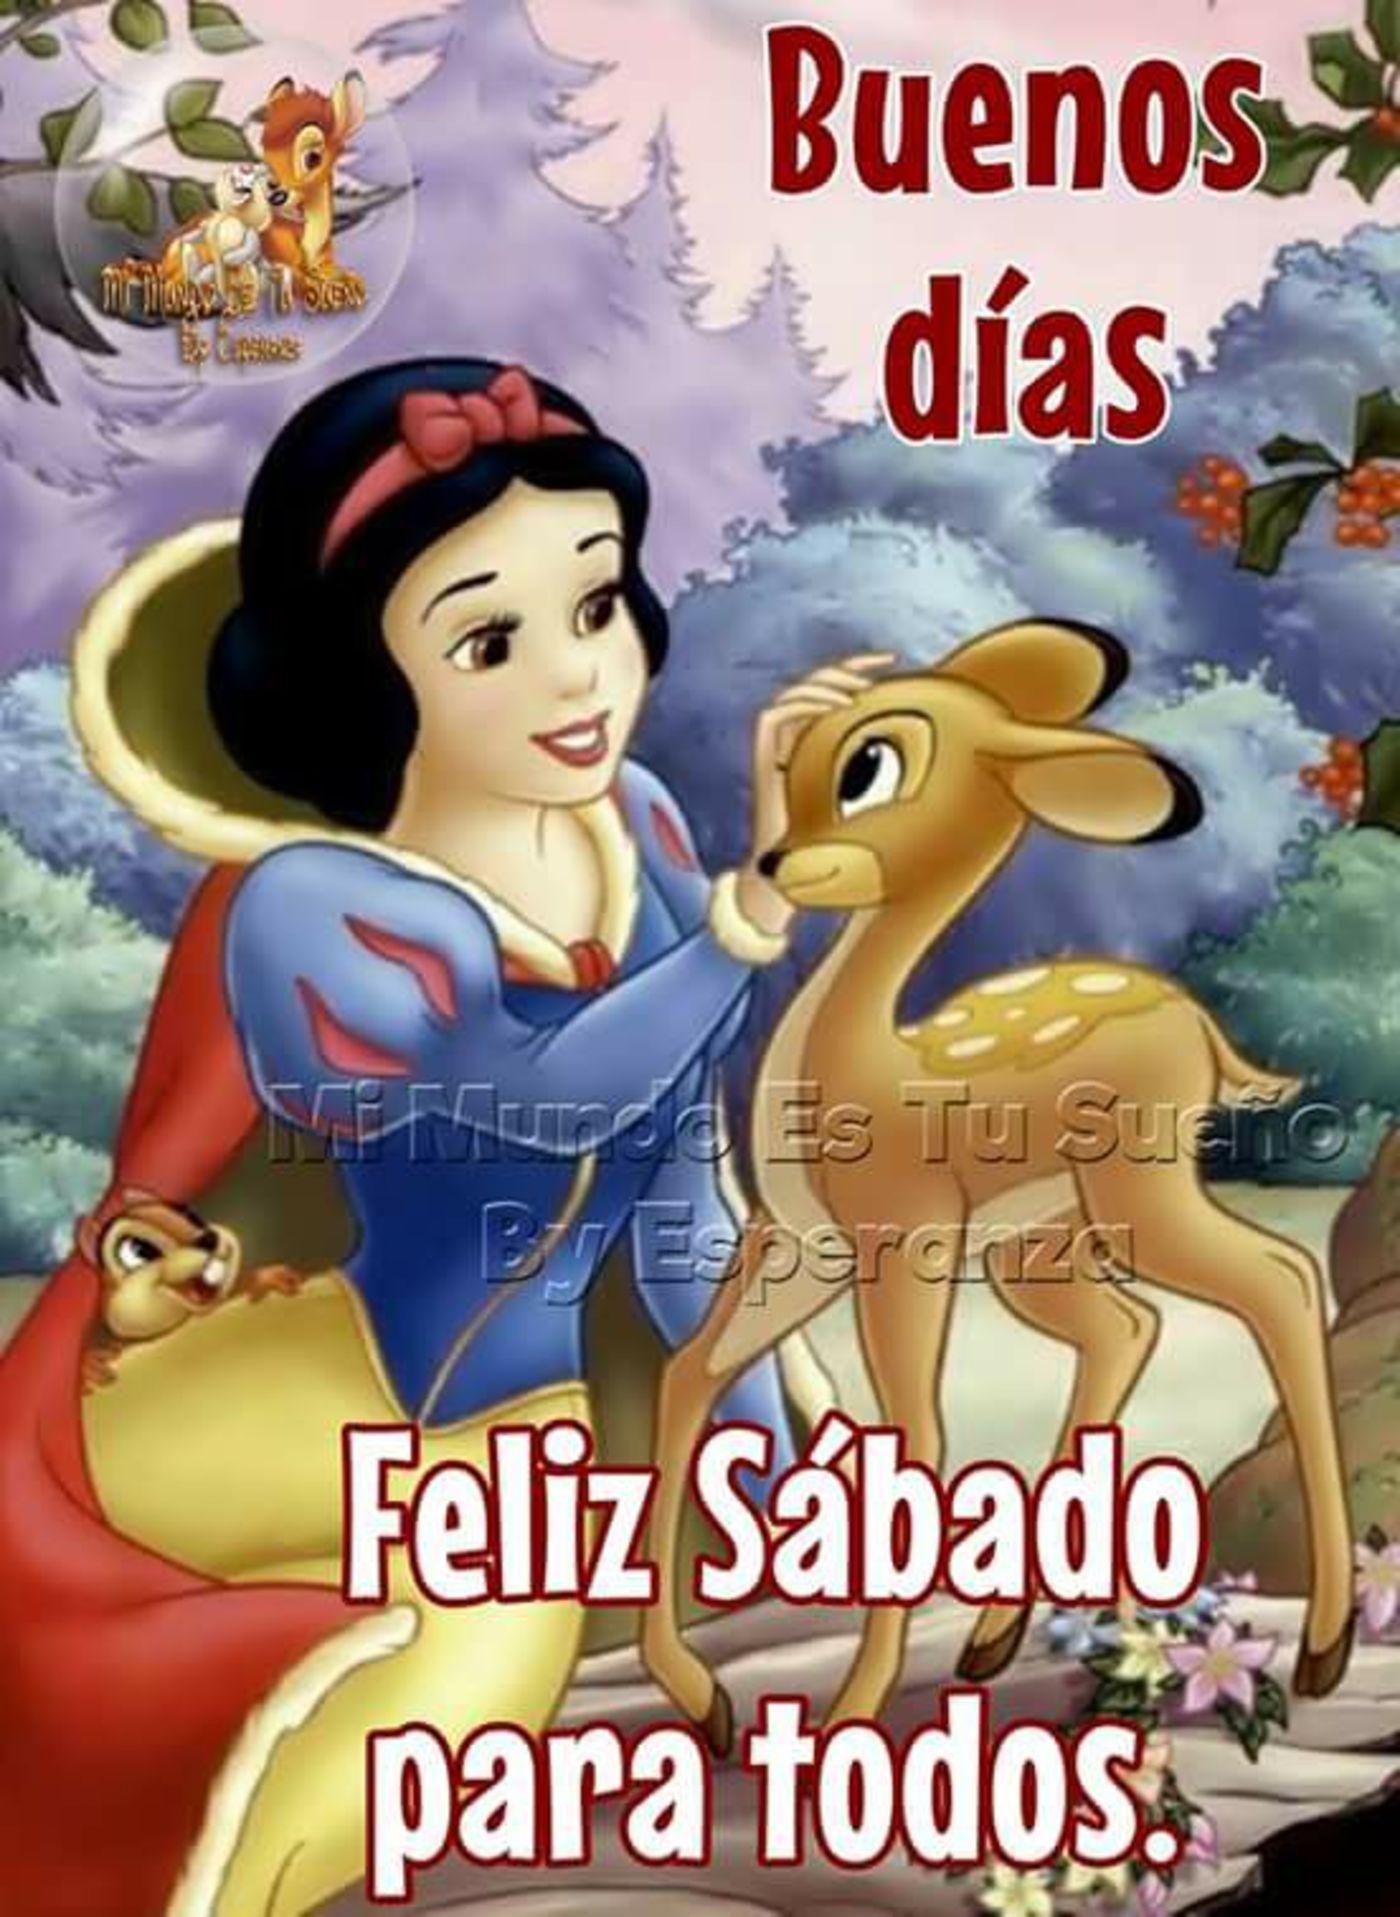 Feliz Sabado Buenos Dias 4808 Con Imagenes Feliz Sabado